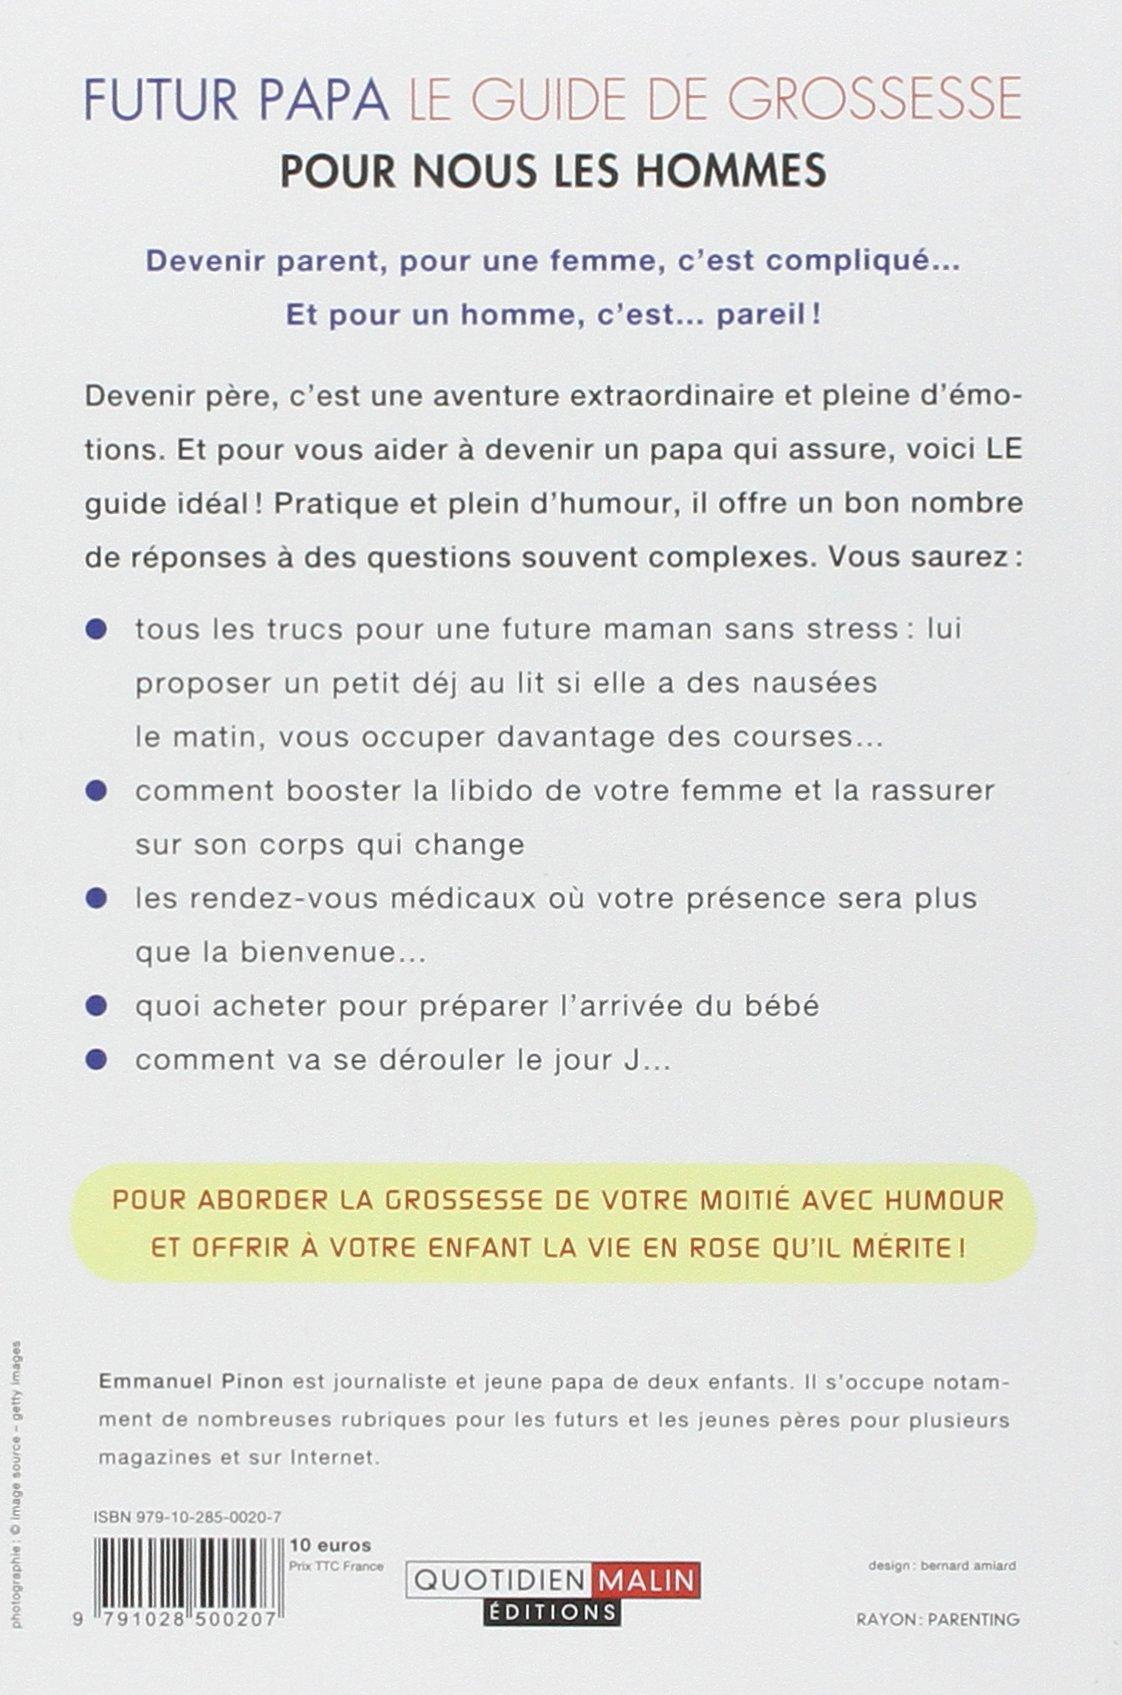 Amazon.fr - Futur Papa : le guide de grossesse pour nous les hommes -  Emmanuel Pinon - Livres